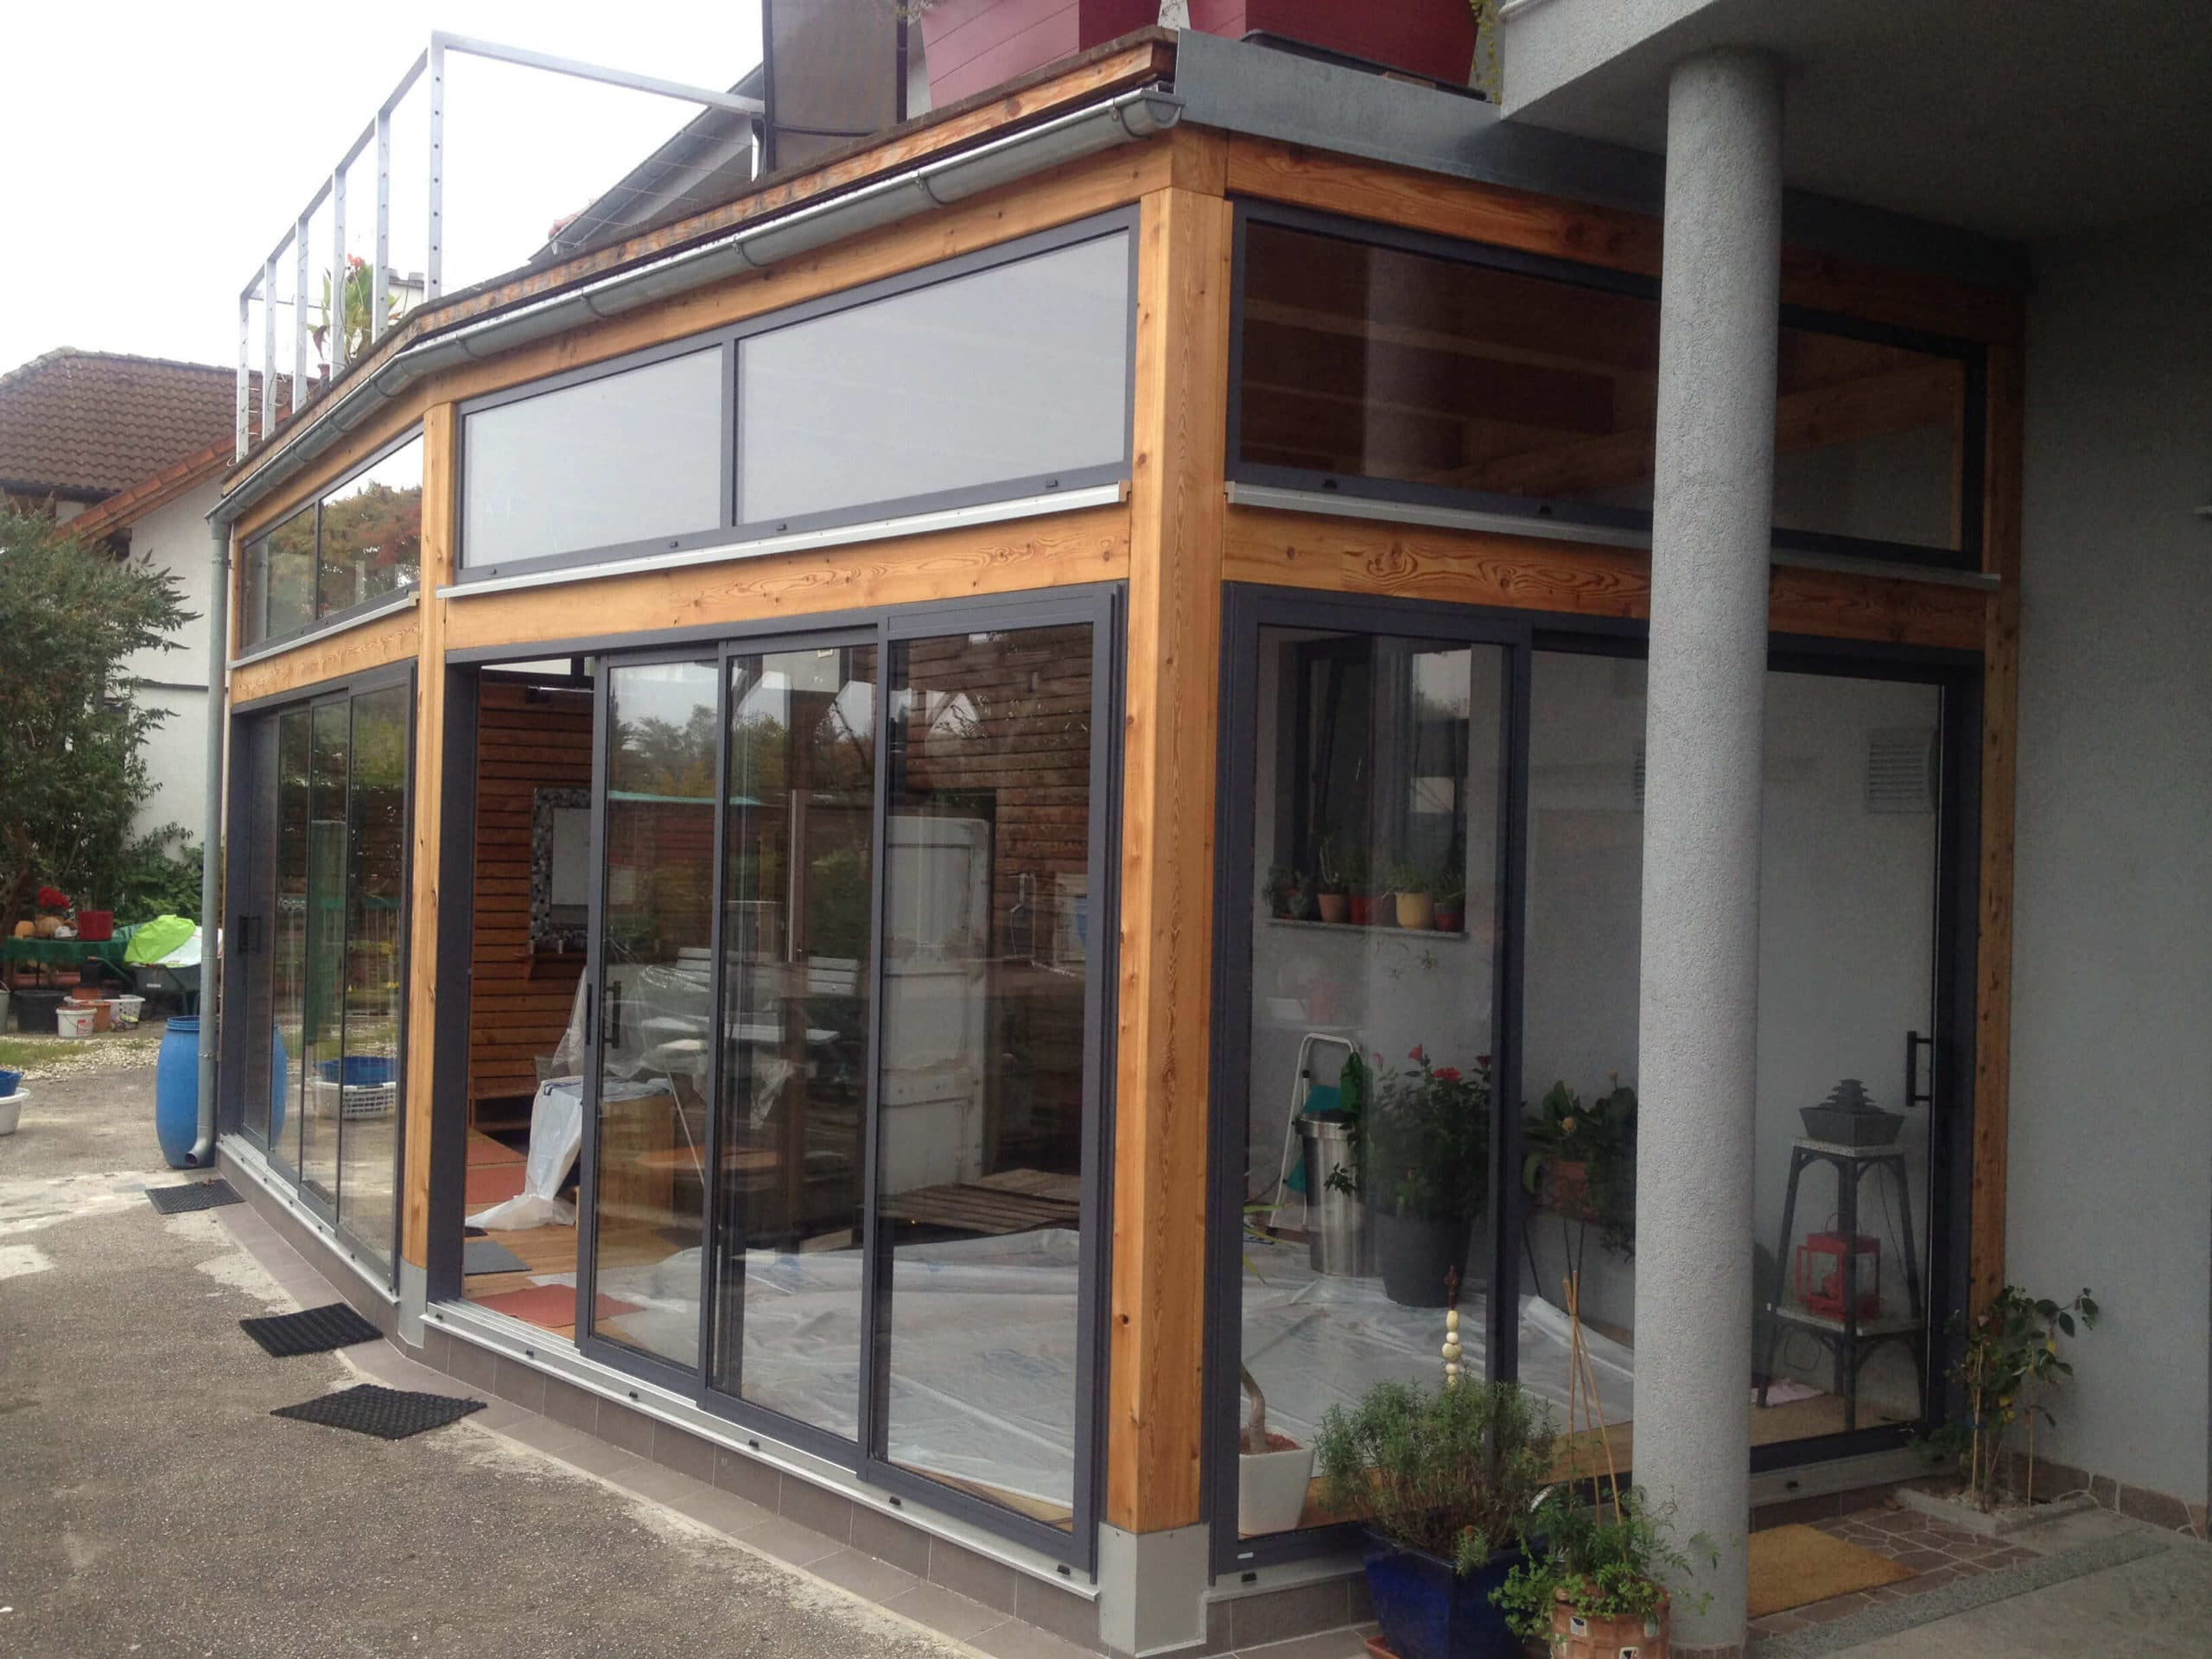 Zubau mit Holz und Glas